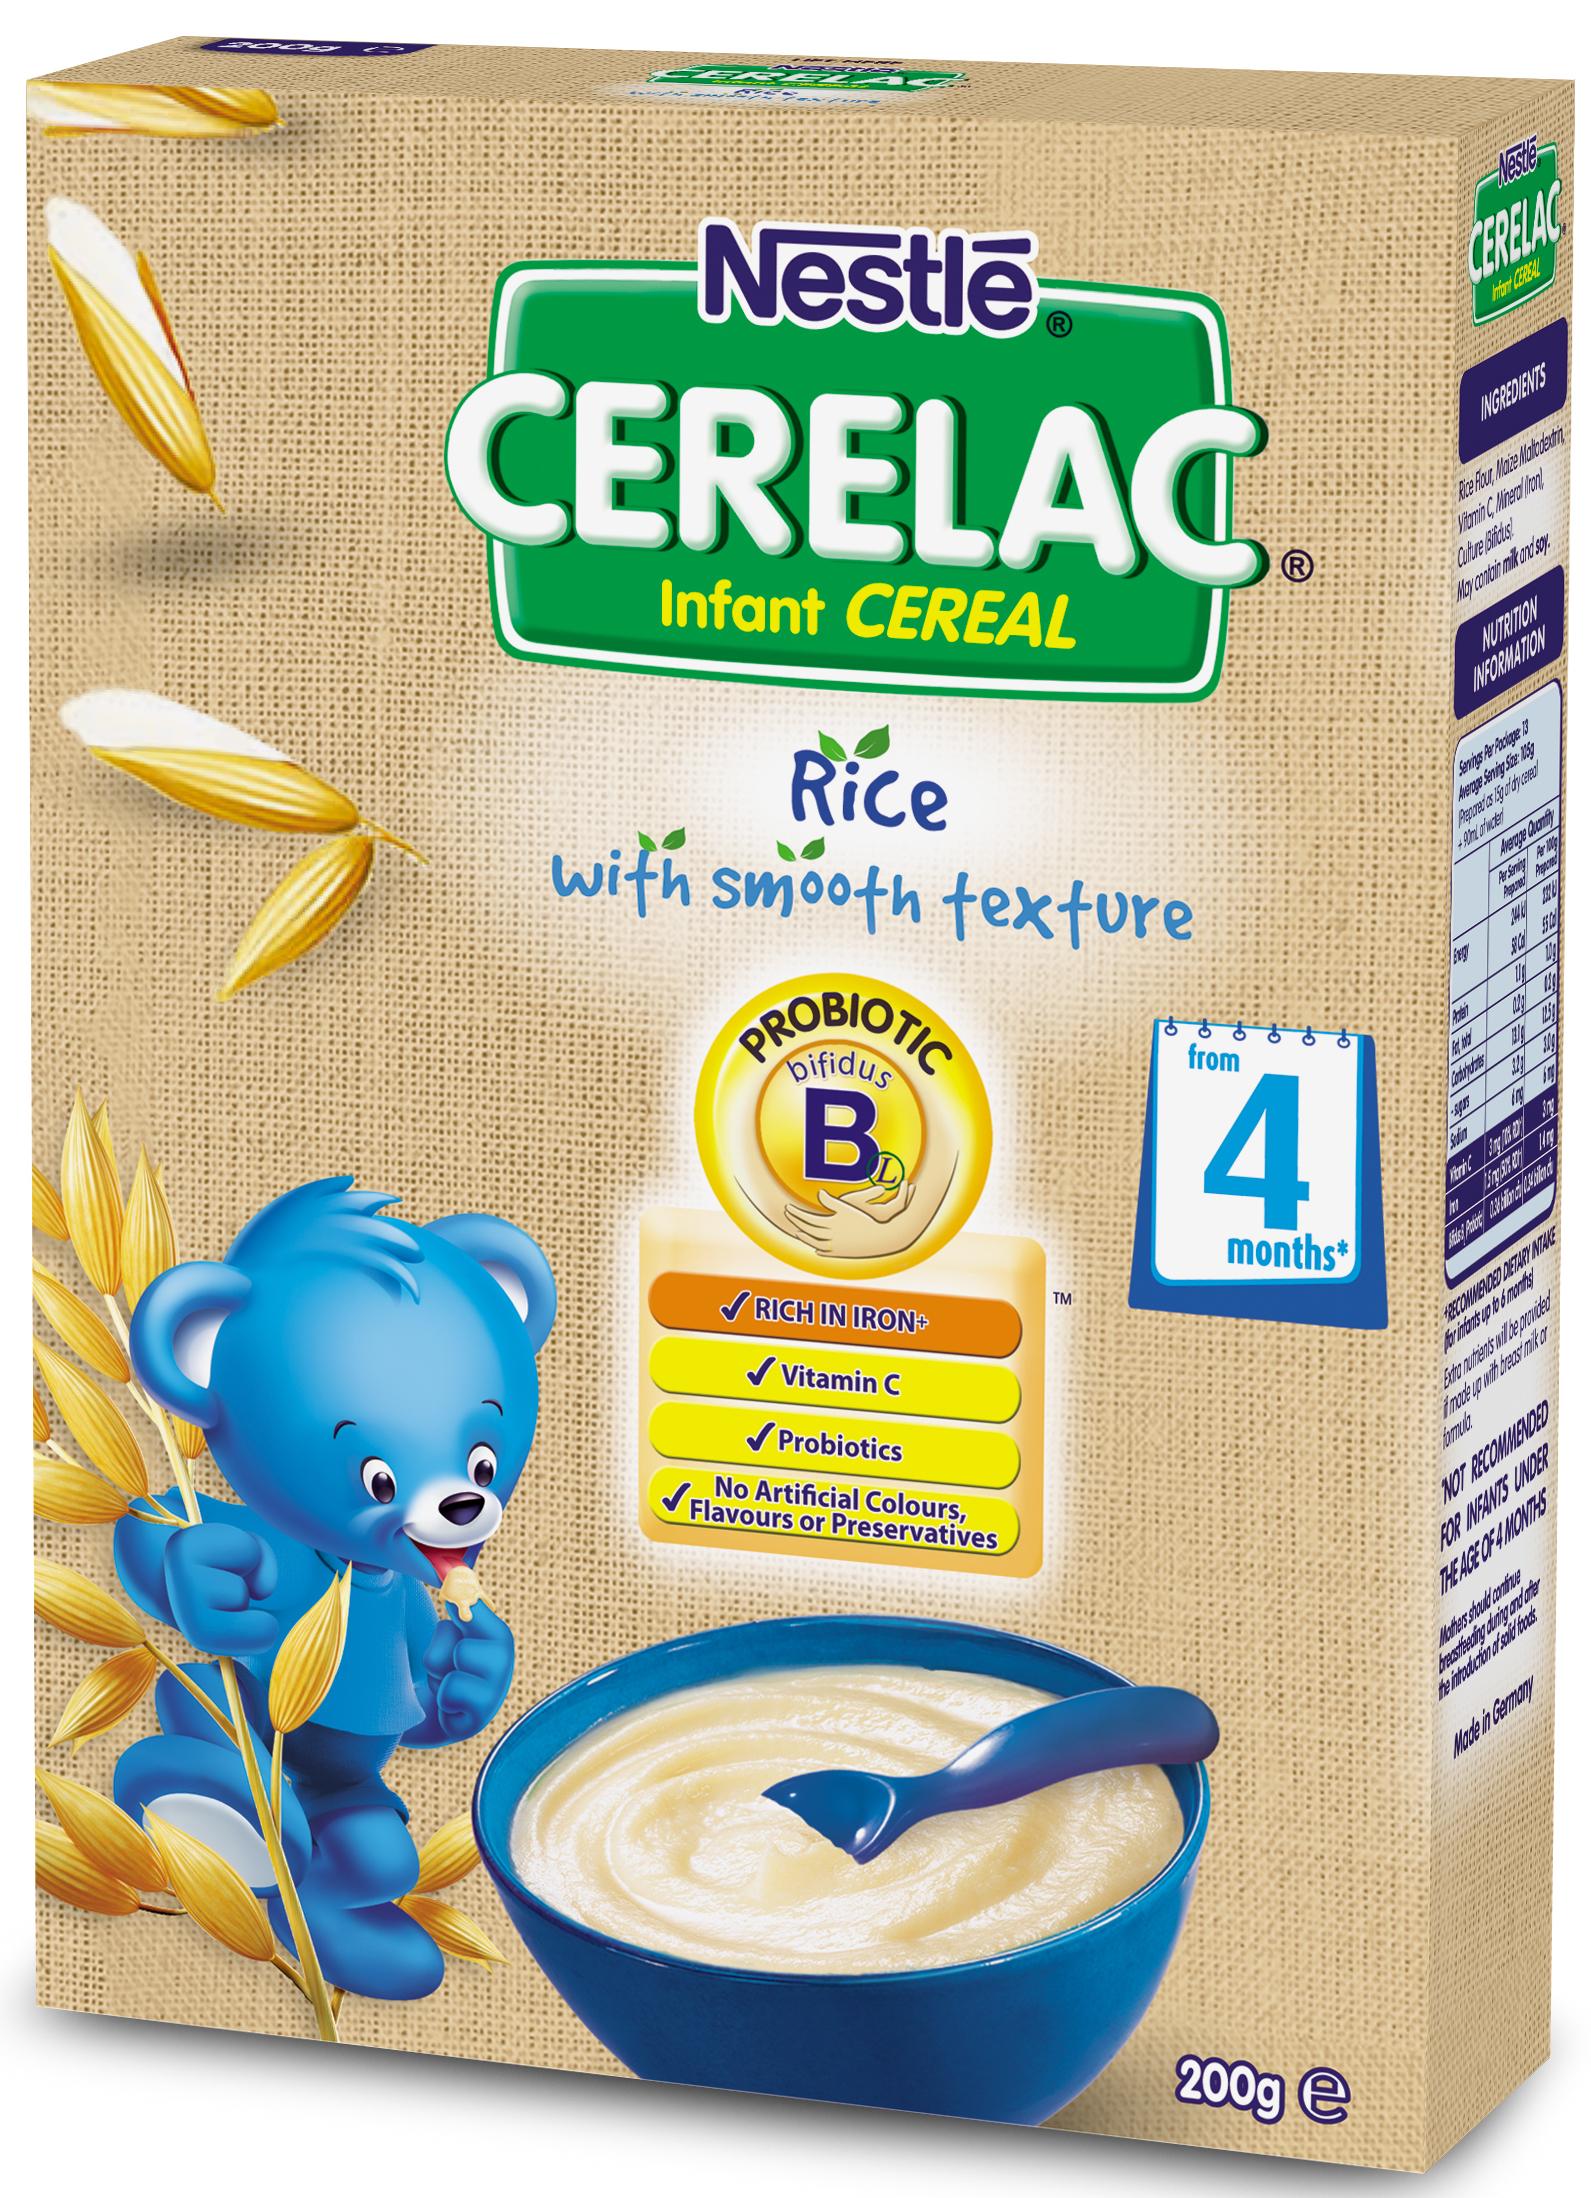 Nestle CERELAC Rice Reviews - ProductReview.com.au